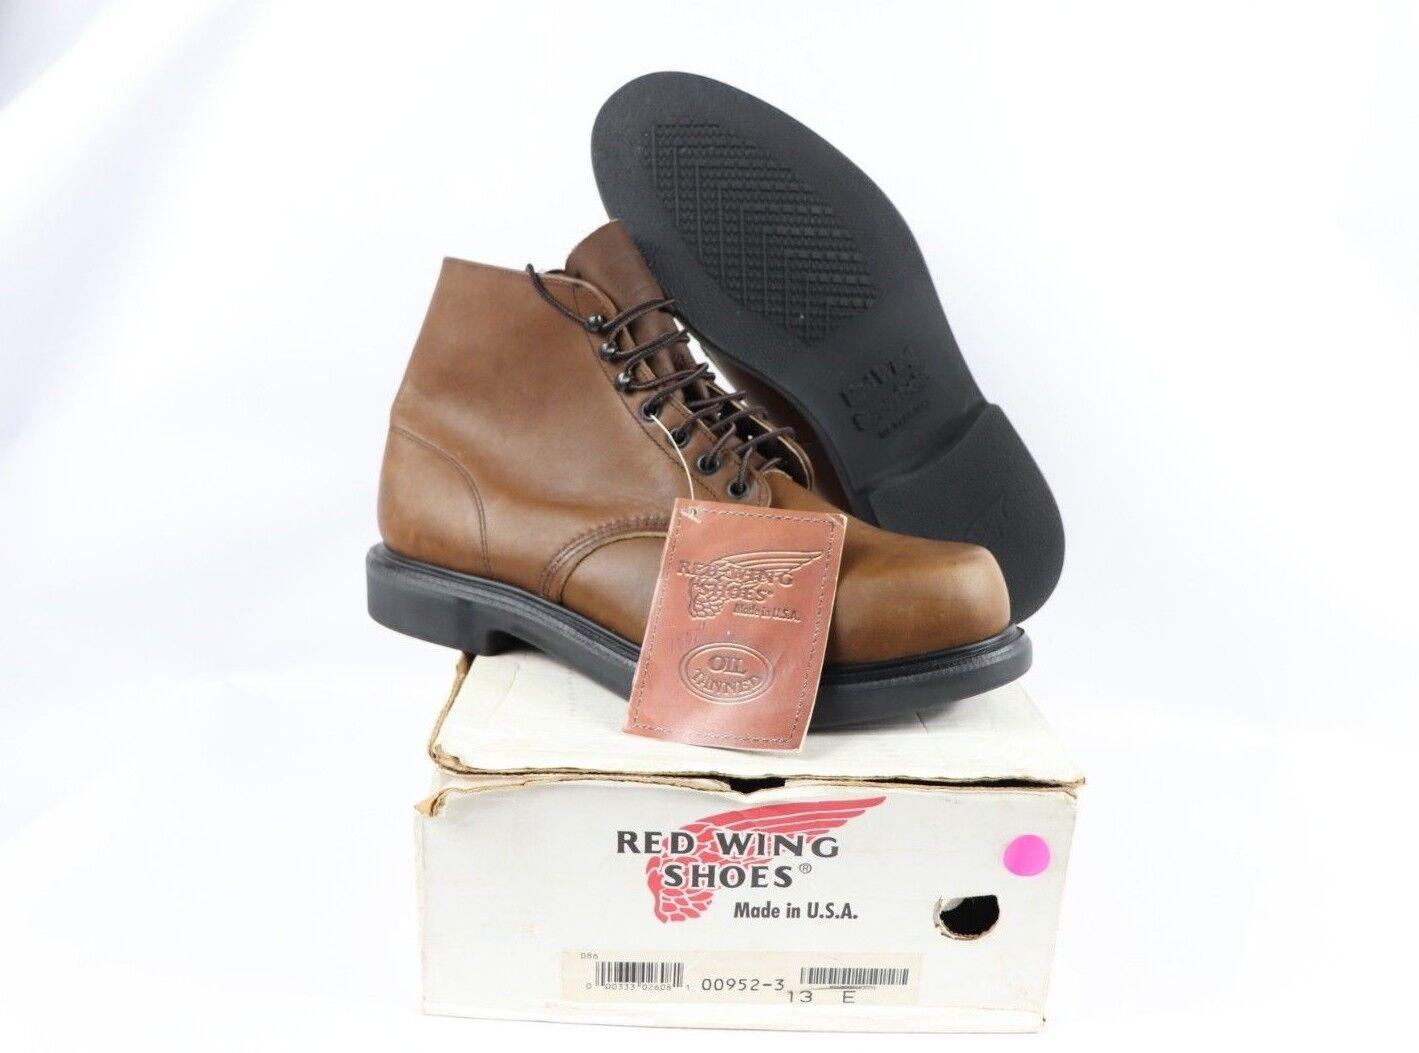 Senza tasse Vtg New rosso Wing scarpe Uomo 13 13 13 E 952 6 Inch Oil Tanned Leather Chukka Work stivali  garantito